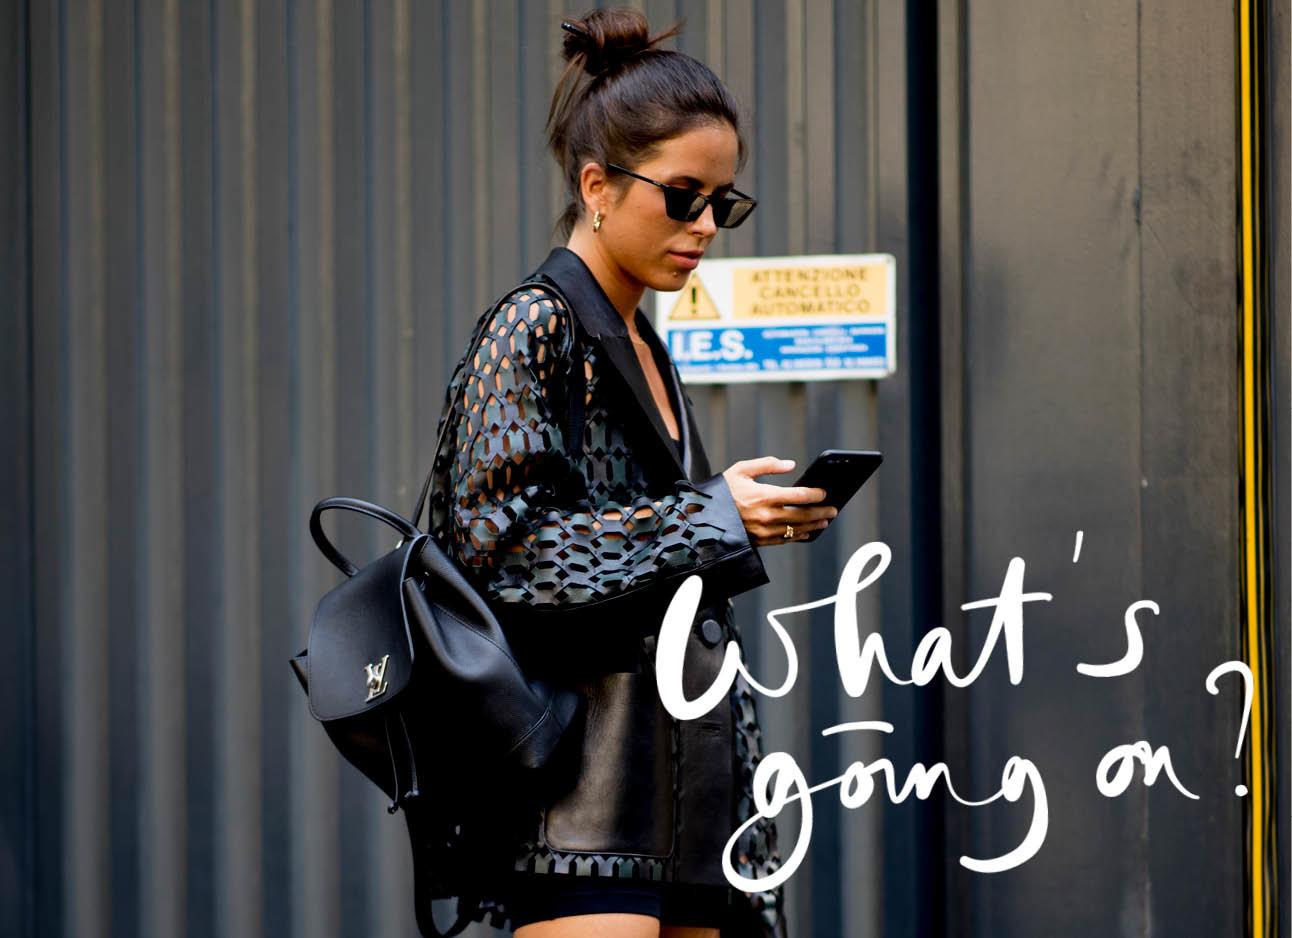 vrouw kijkt op haar telefoon in zwarte kleding